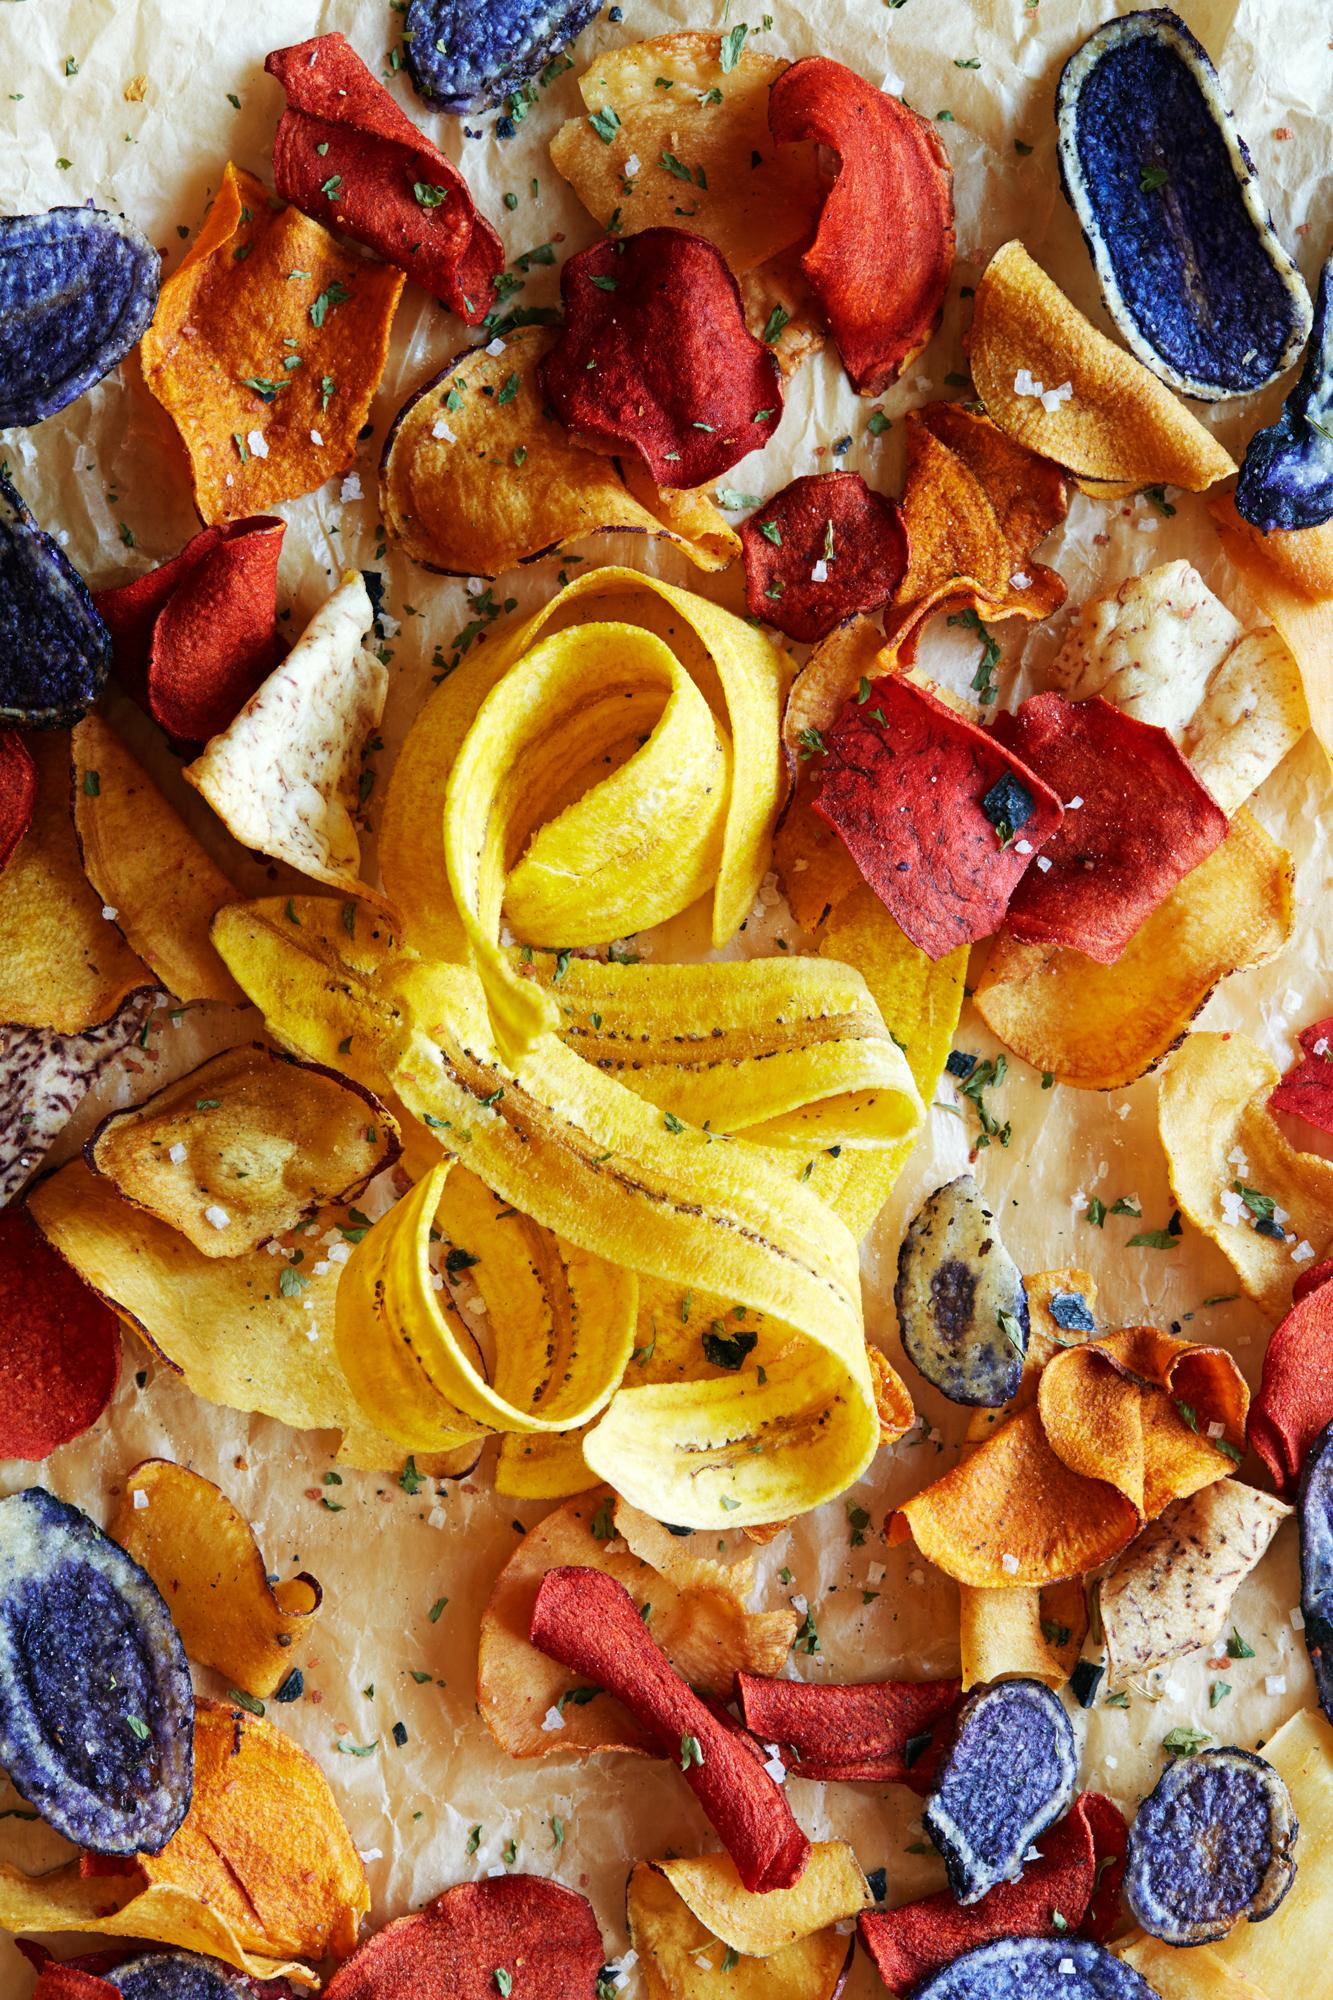 Food_shoot1659a.jpg